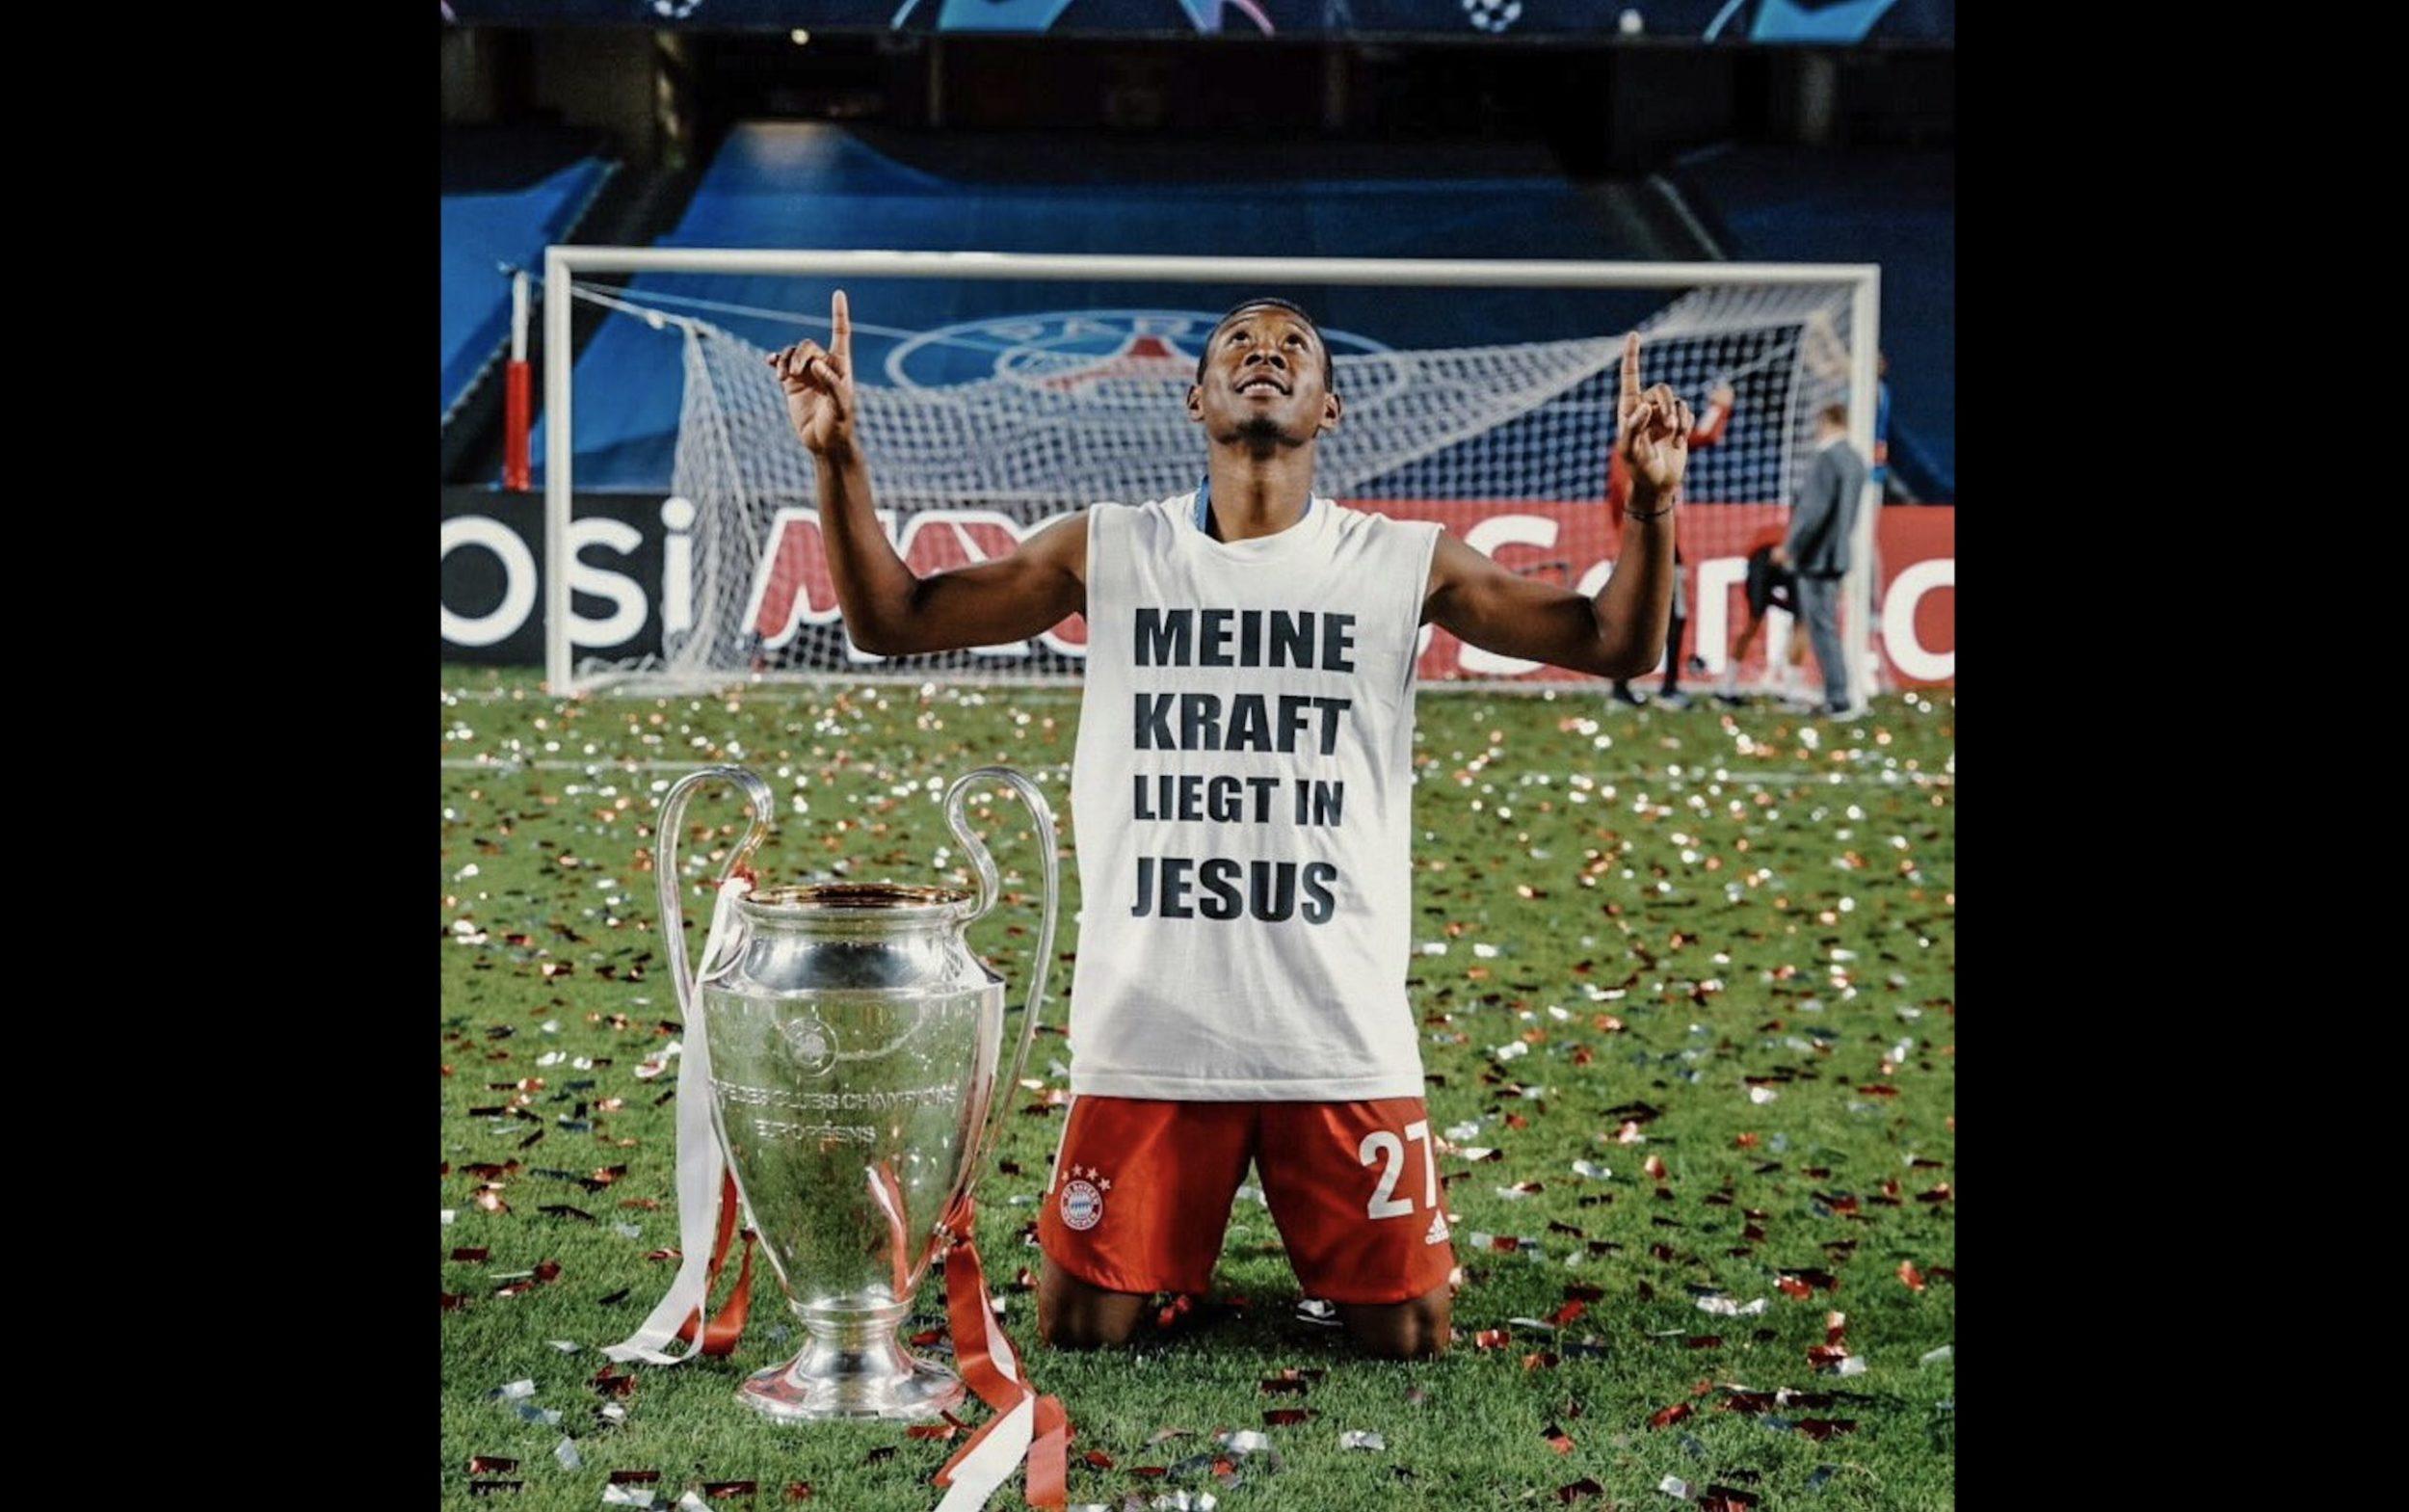 Football : «Ma force réside en Jésus», affiche David Alaba vainqueur de la Ligue des Champions